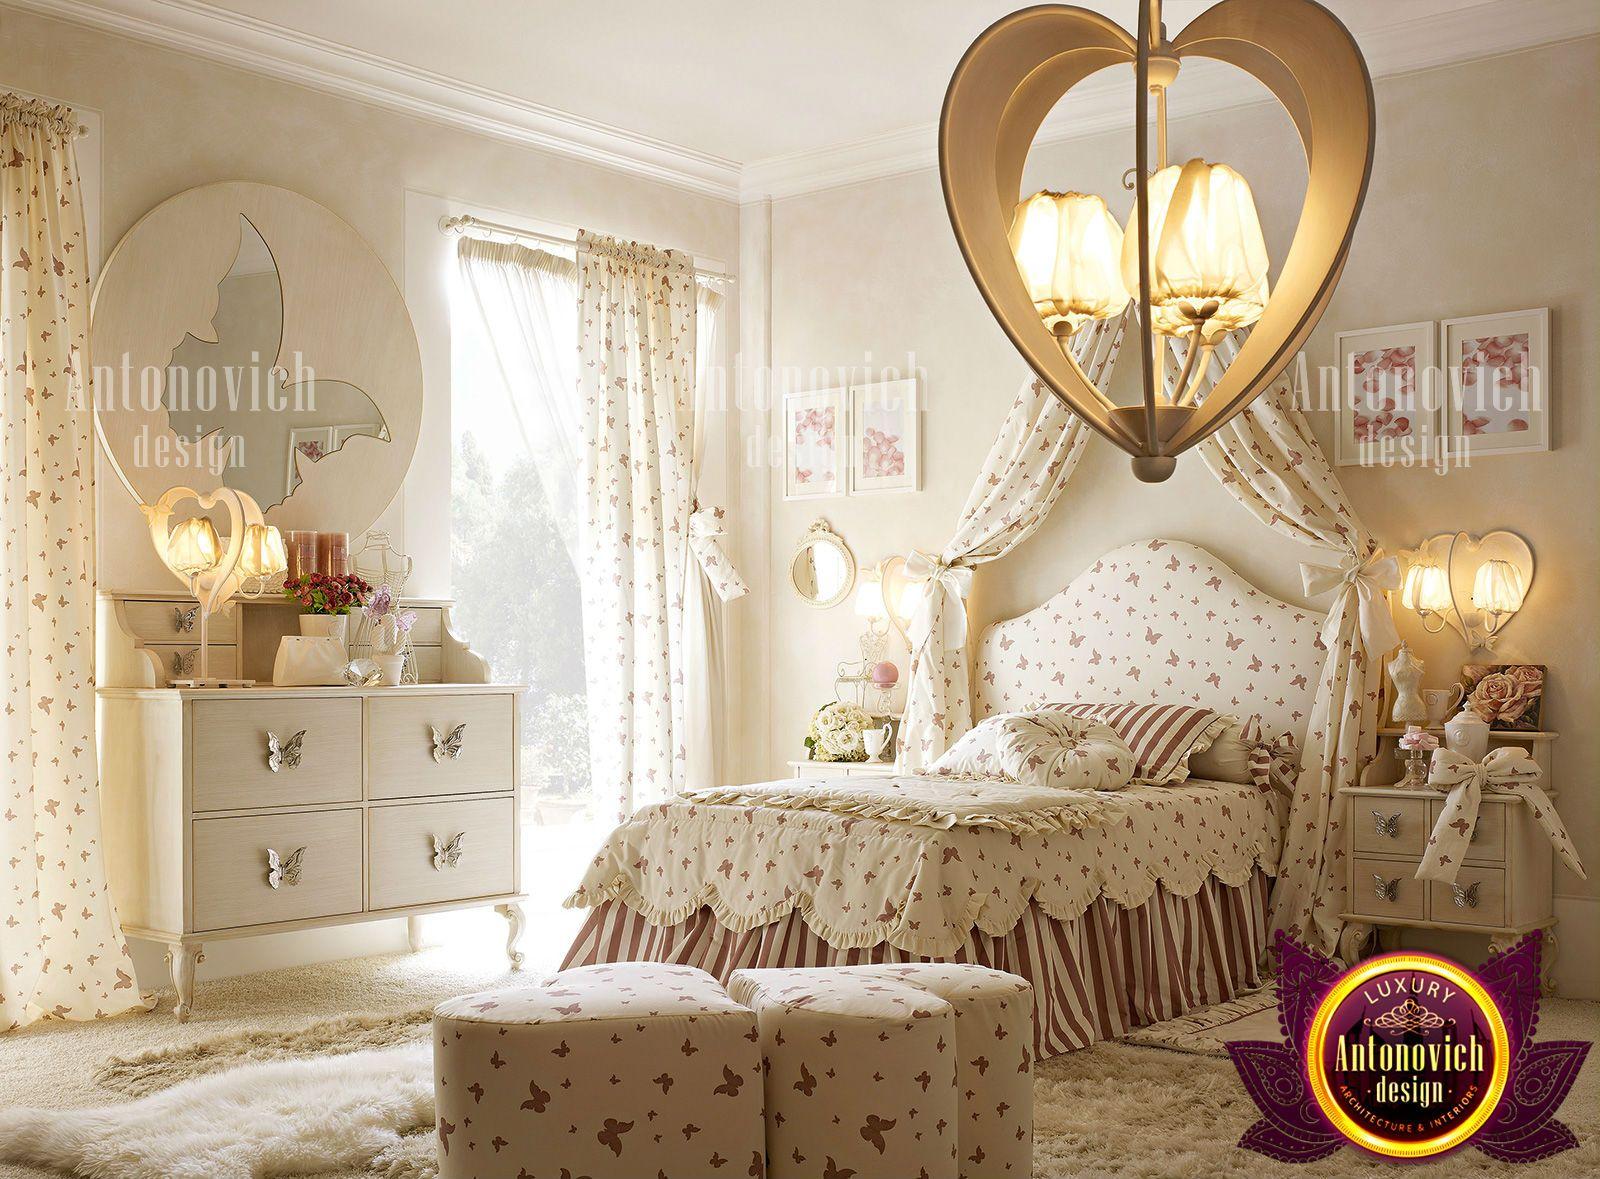 Kids Bedroom Design Kids Room Furniture Furniture Kids Furniture Stores Bedroom furniture kids bedroom